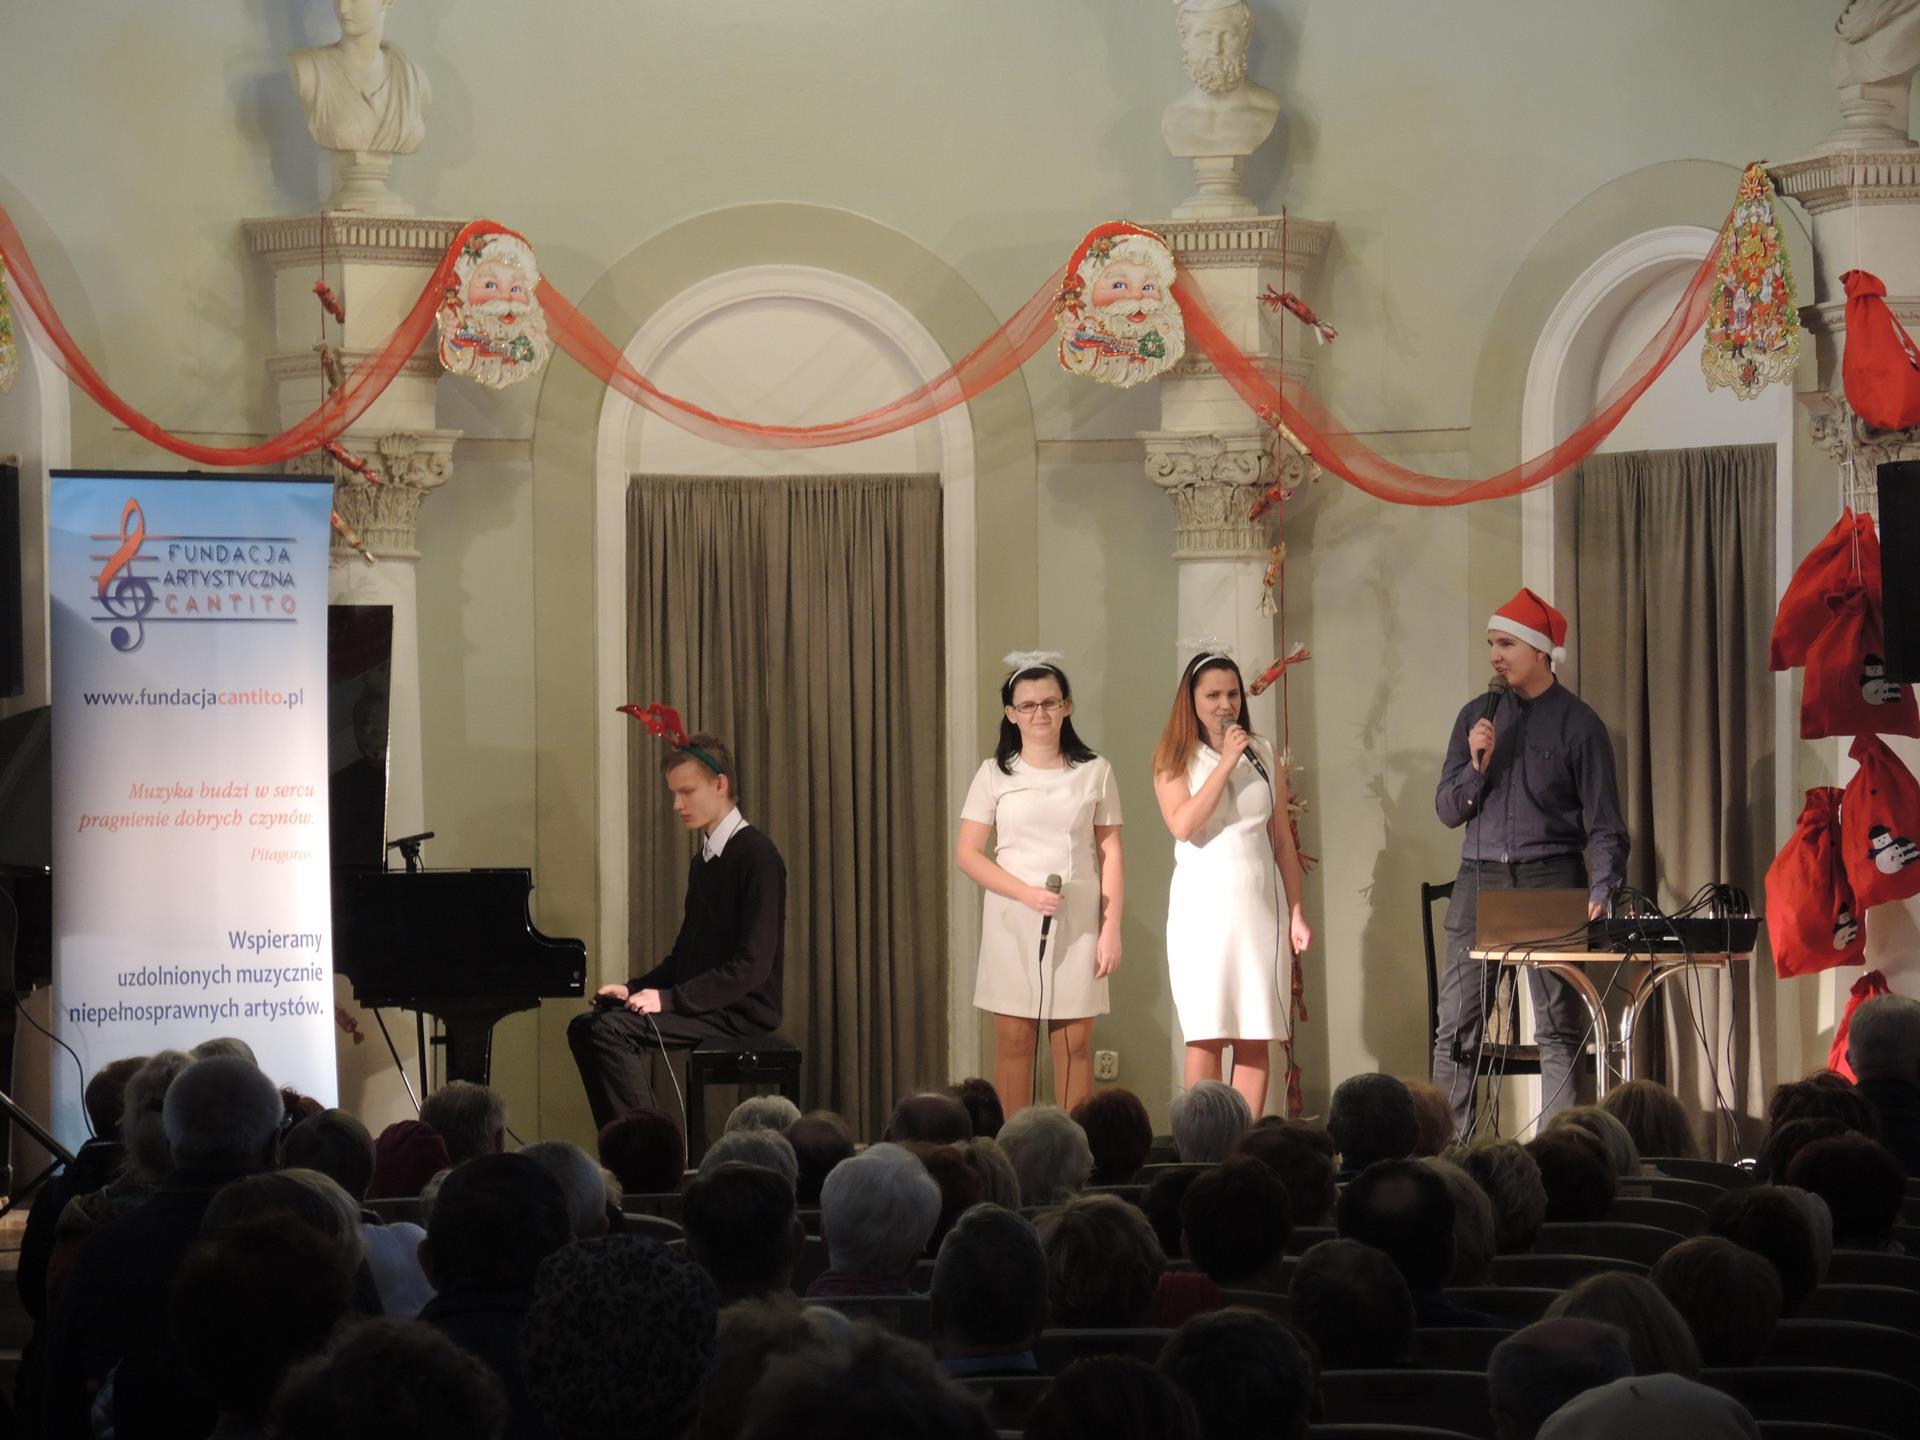 Scena widziana z oddalenia. Publiczność patrzy na scenę, na której znajdują  się cztery osoby – dwóch mężczyzn i dwie kobiety. Mężczyzna znajdujący się na scenie po lewej stronie siedzi przy fortepianie, pozostali stoją.  Występujący mają na sobie drobne mikołajowe akcenty.